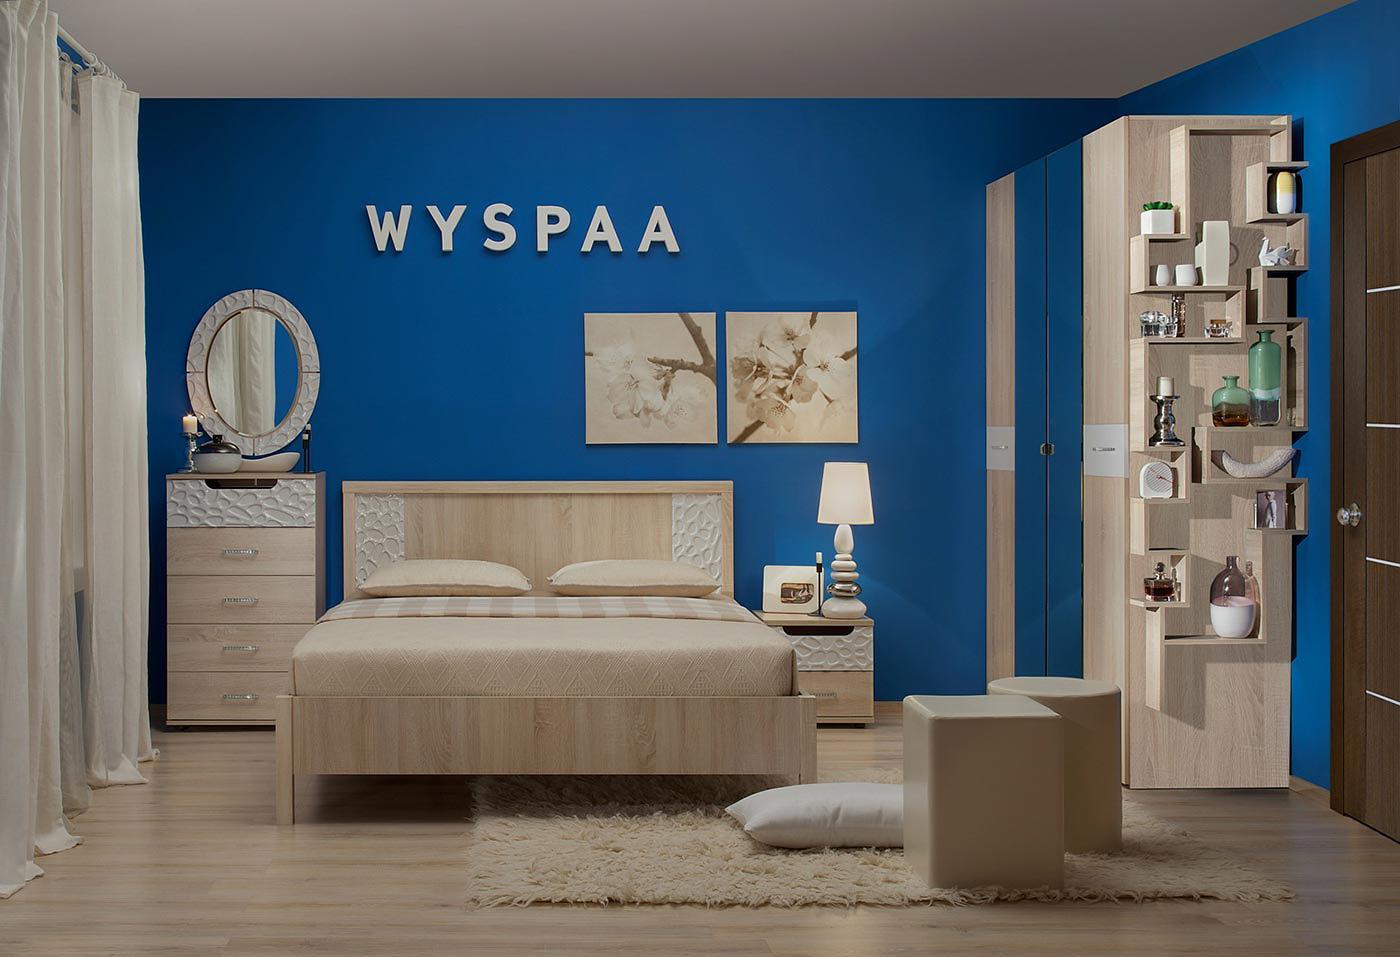 Спальня Глазов Wyspaa